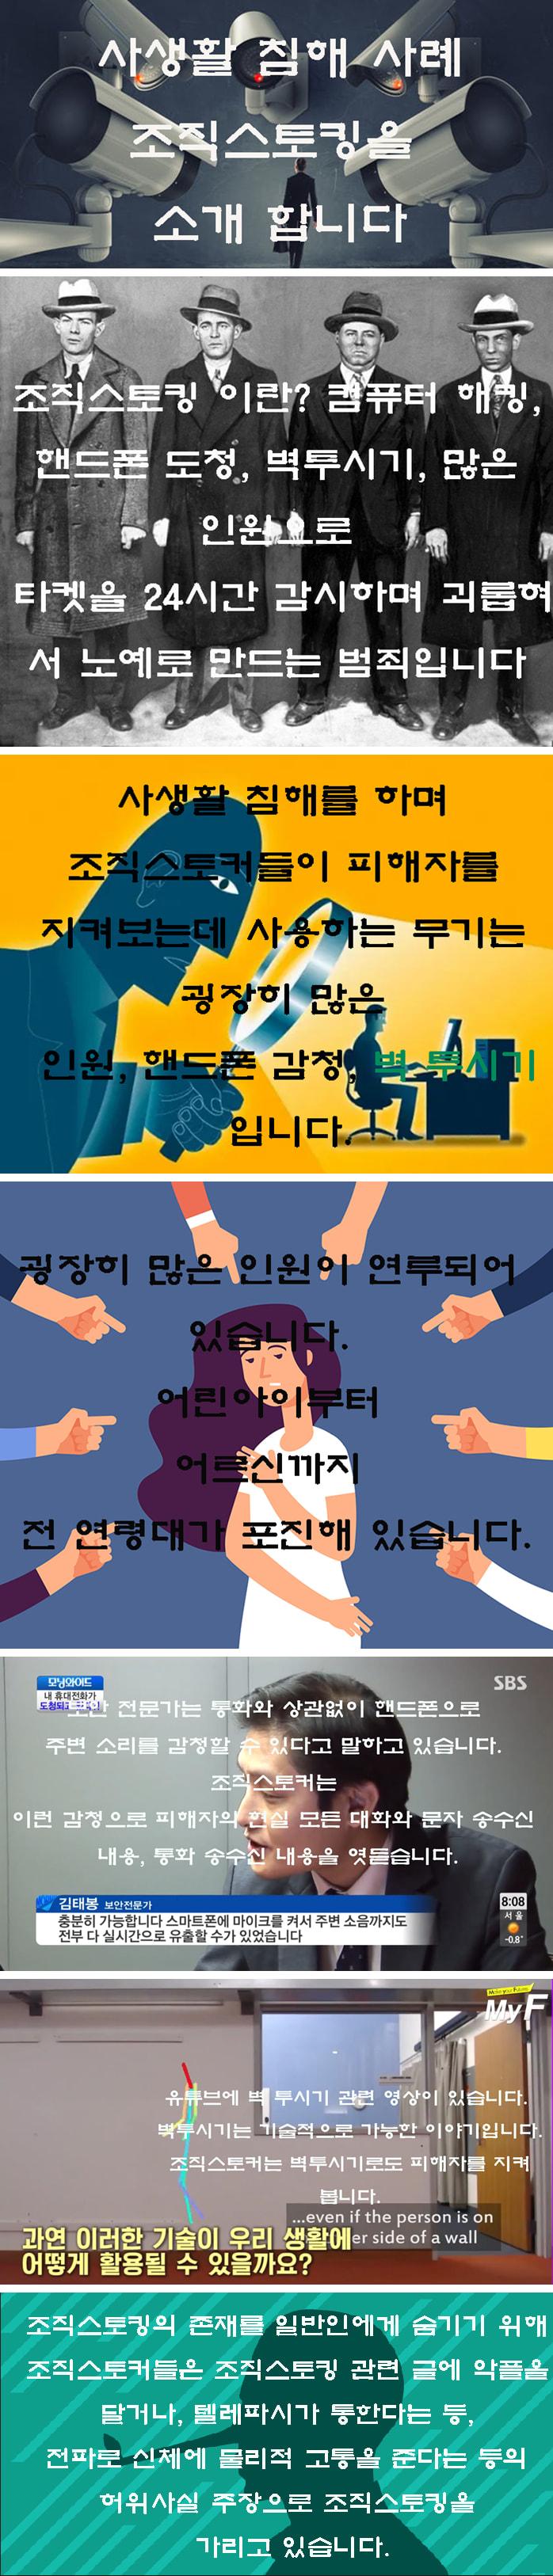 viewimage.php?id=23b8c735dac137a567bac2ac&no=24b0d769e1d32ca73dec8ffa11d02831046ced35d9c2bd23e7054e3c2d8a67b5dfb622e2976158869174d6c26a9ace5a708142b024a95e647d64e8588cf7d35fd2b2633fdffaccf7